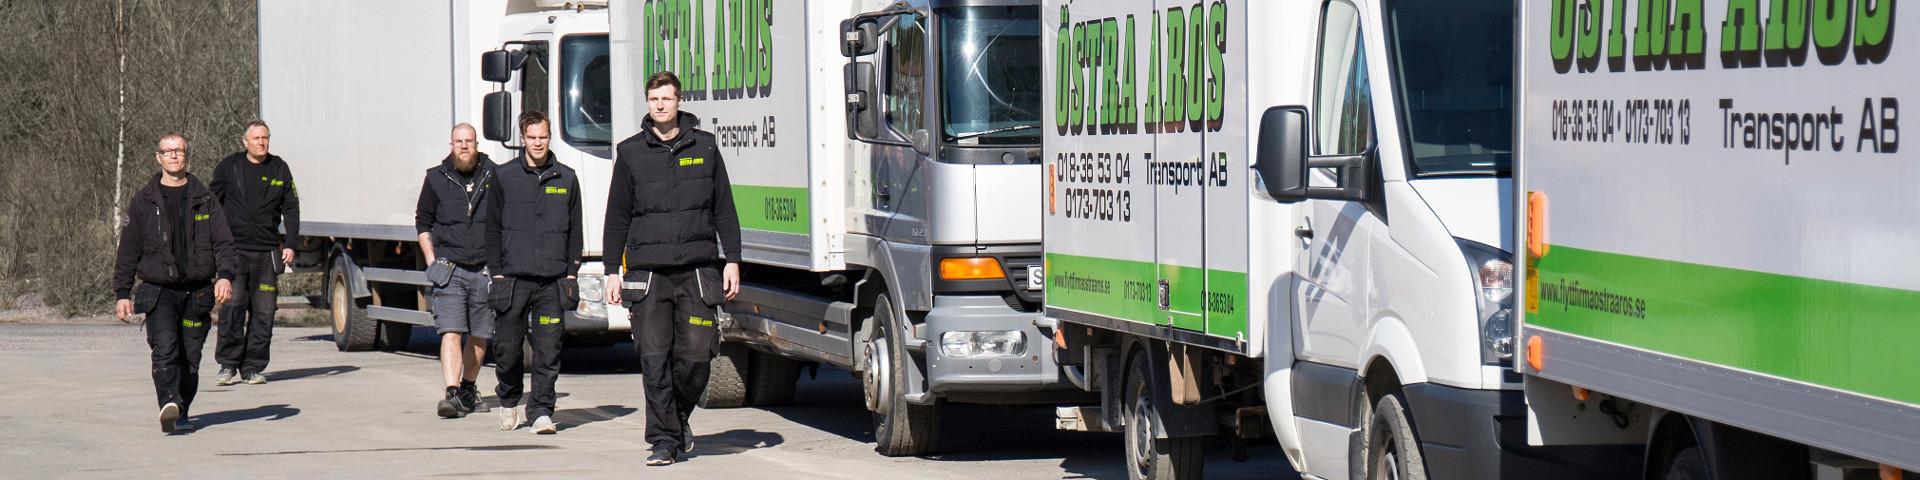 Flyttfirma Östra Aros med bilar